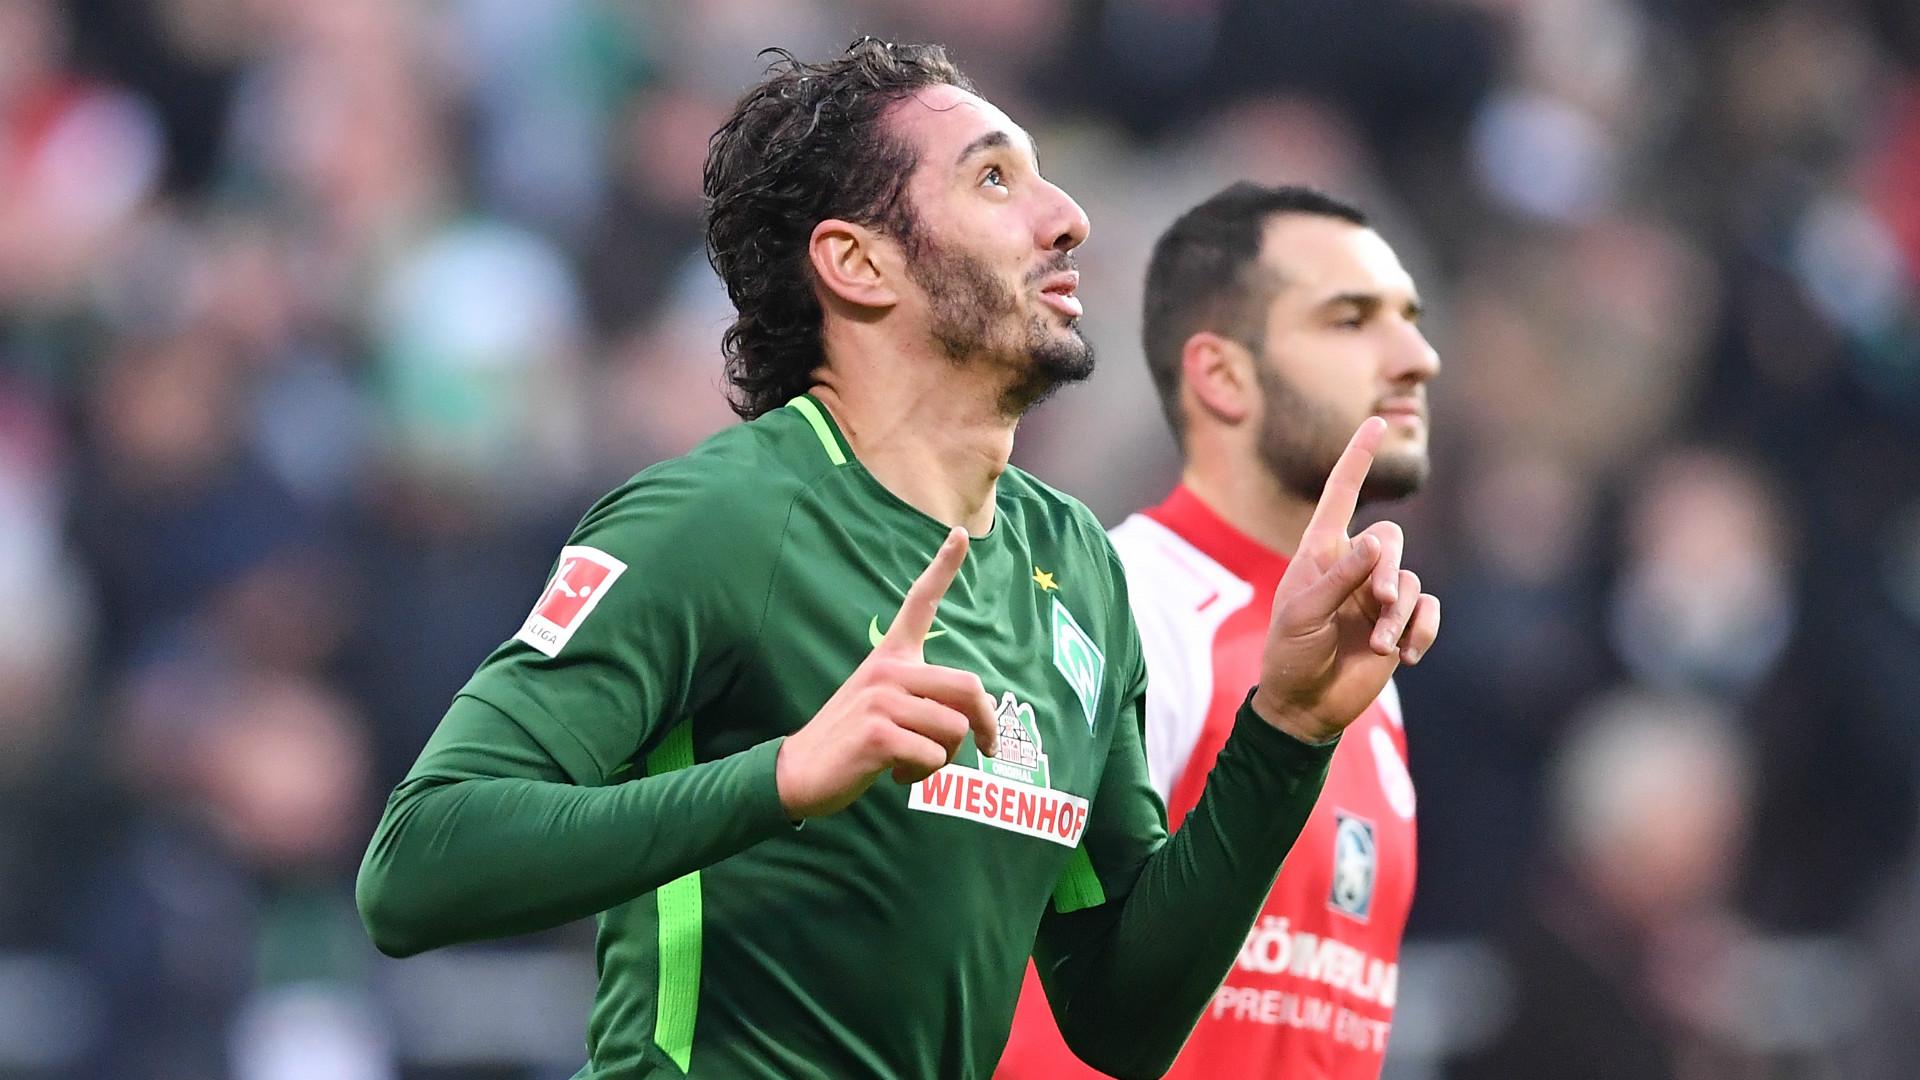 Offiziell: Ishak Belfodil wechselt von Werder Bremen zu 1899 Hoffenheim